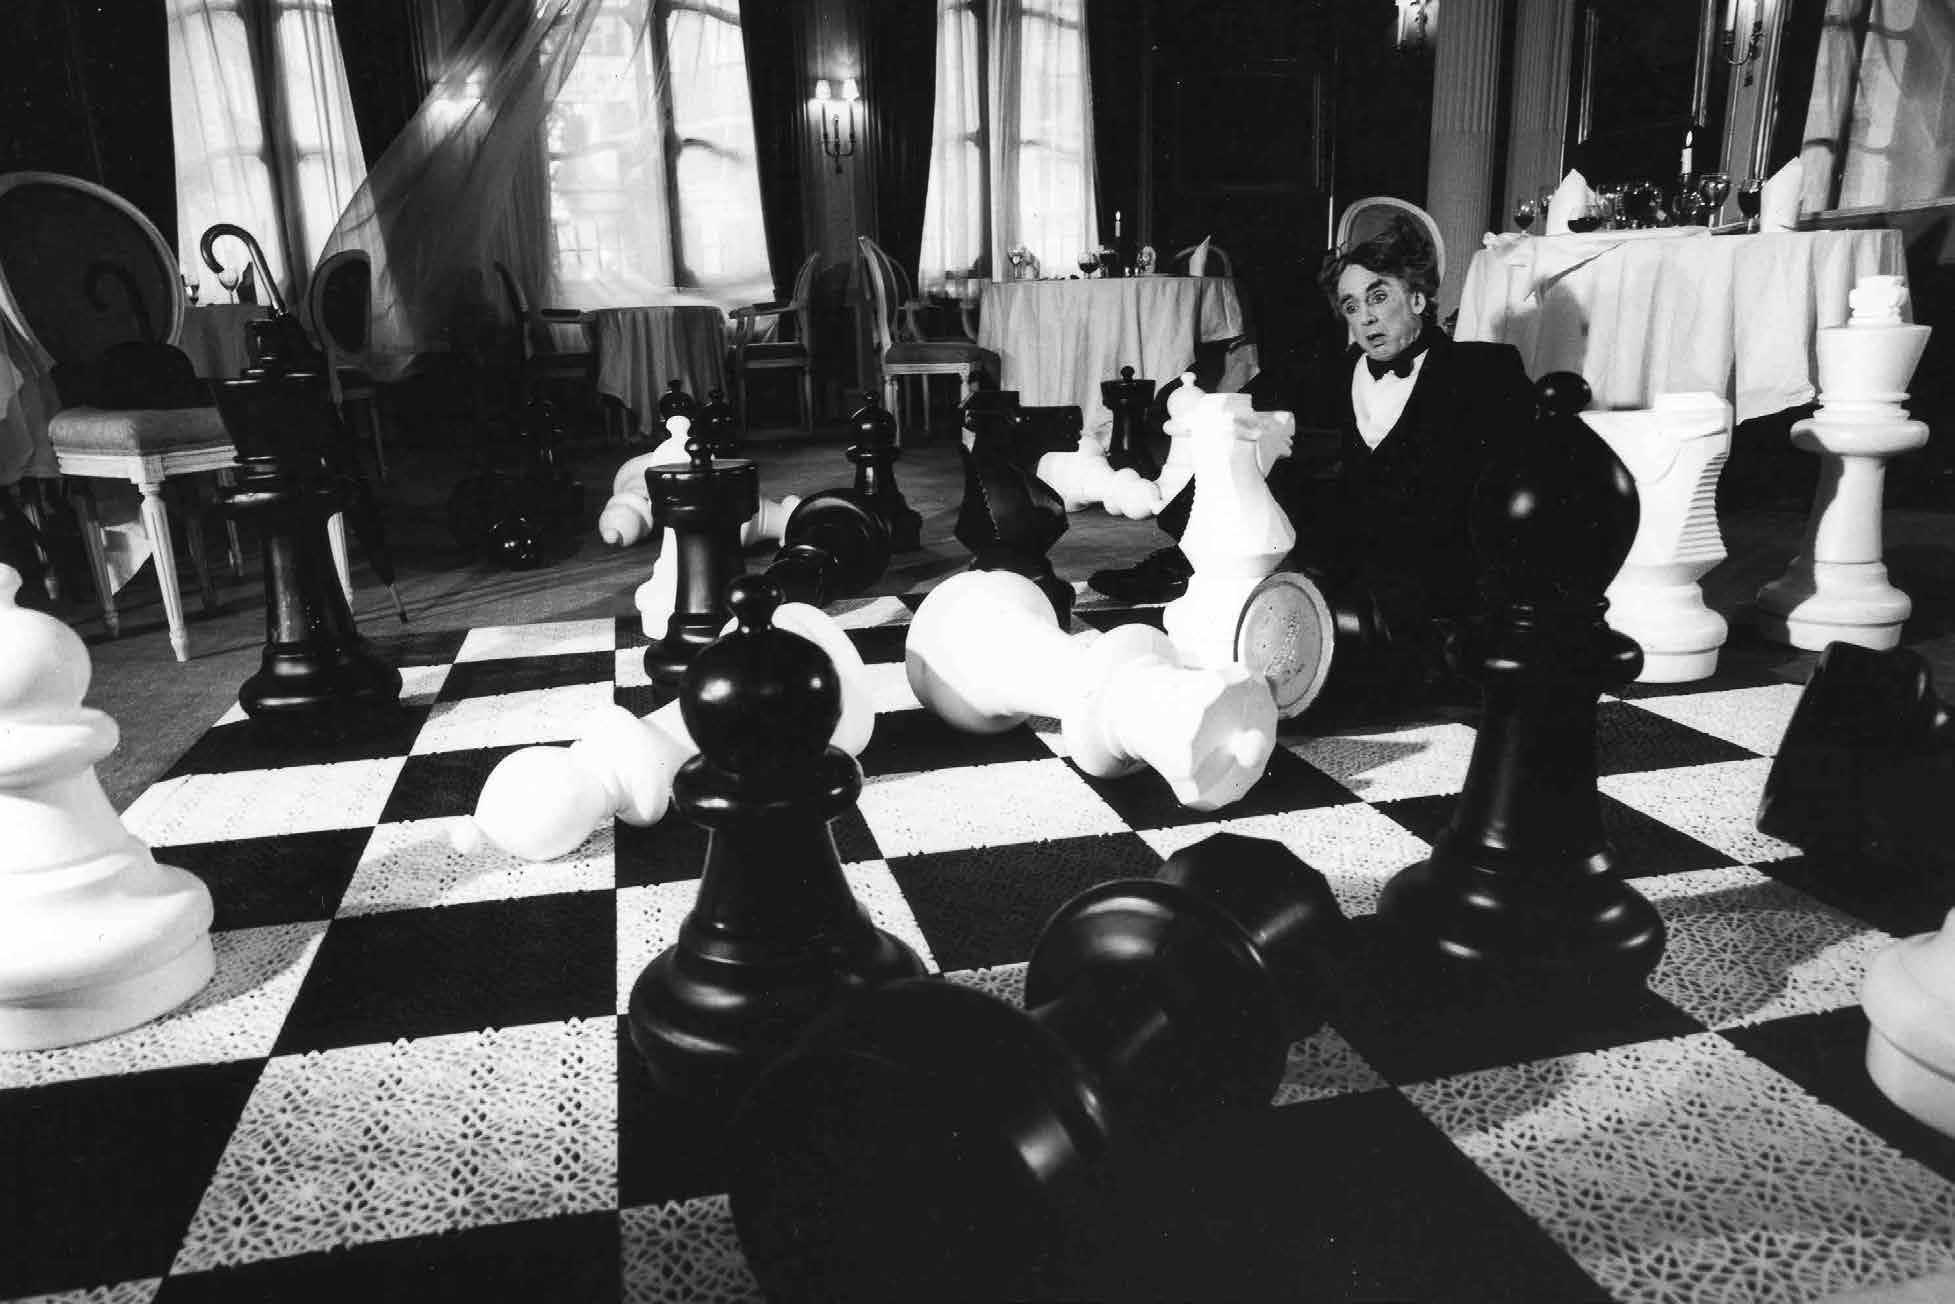 Ballo in maschera by Sanges (3).jpg